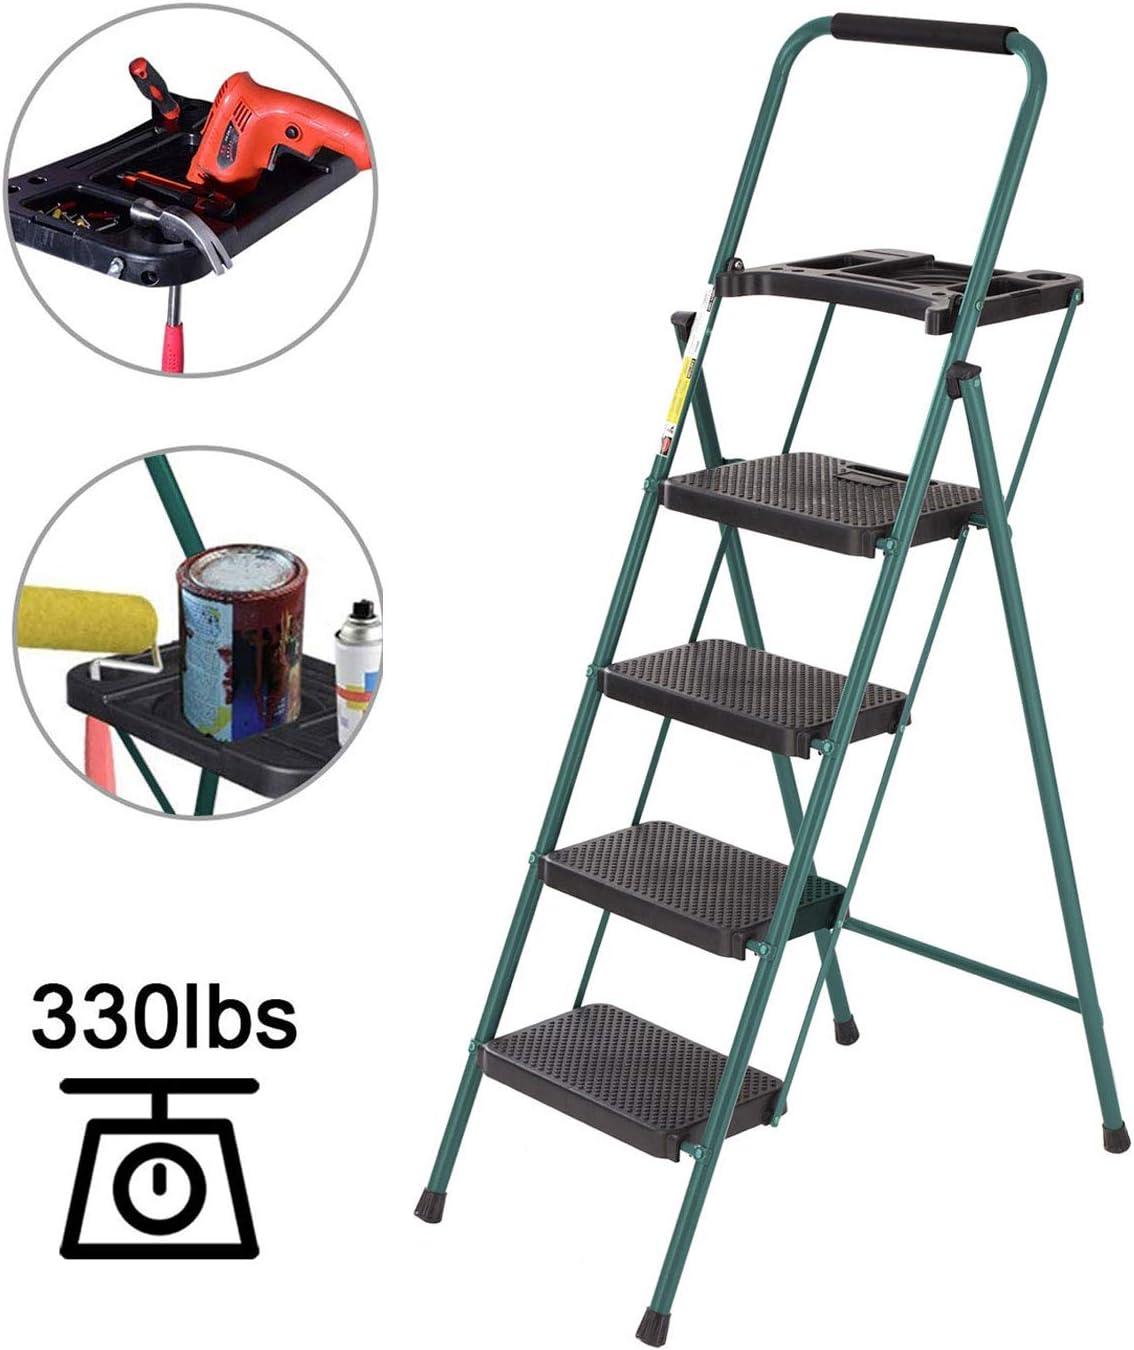 Escalera de 4 peldaños más fuerte, bandeja de herramientas ligera con mango de seguridad, marco verde mejorado con escalones anchos resistentes, soporta el peso de 330 libras, fuerte escalera plegable: Amazon.es: Bricolaje